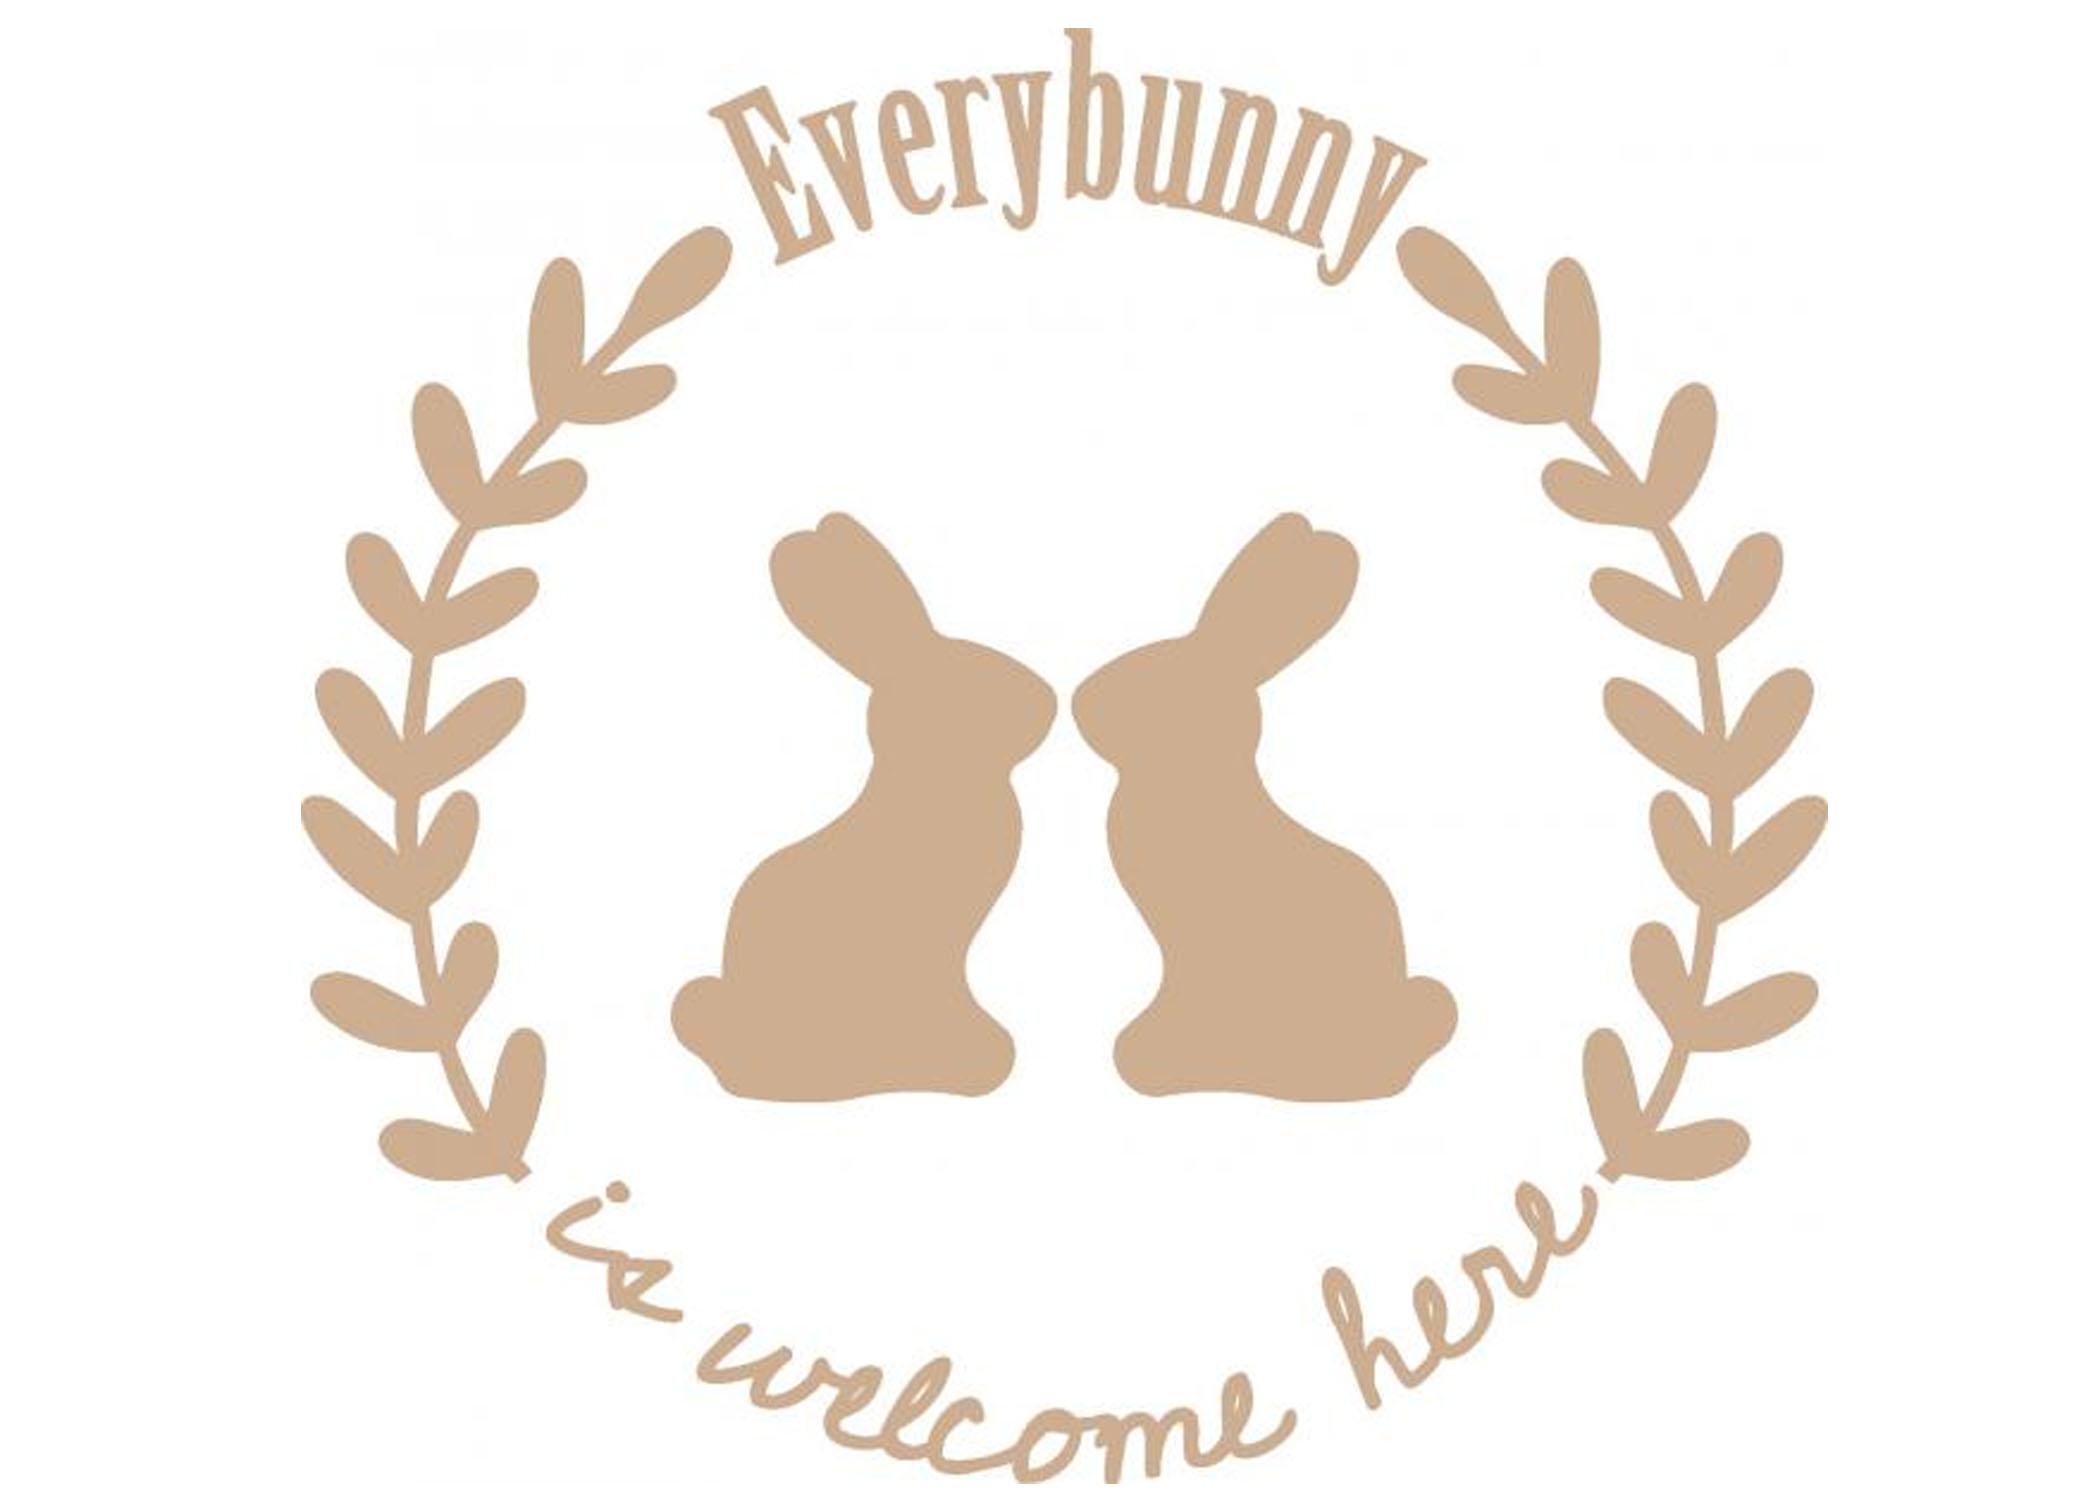 Everybunny